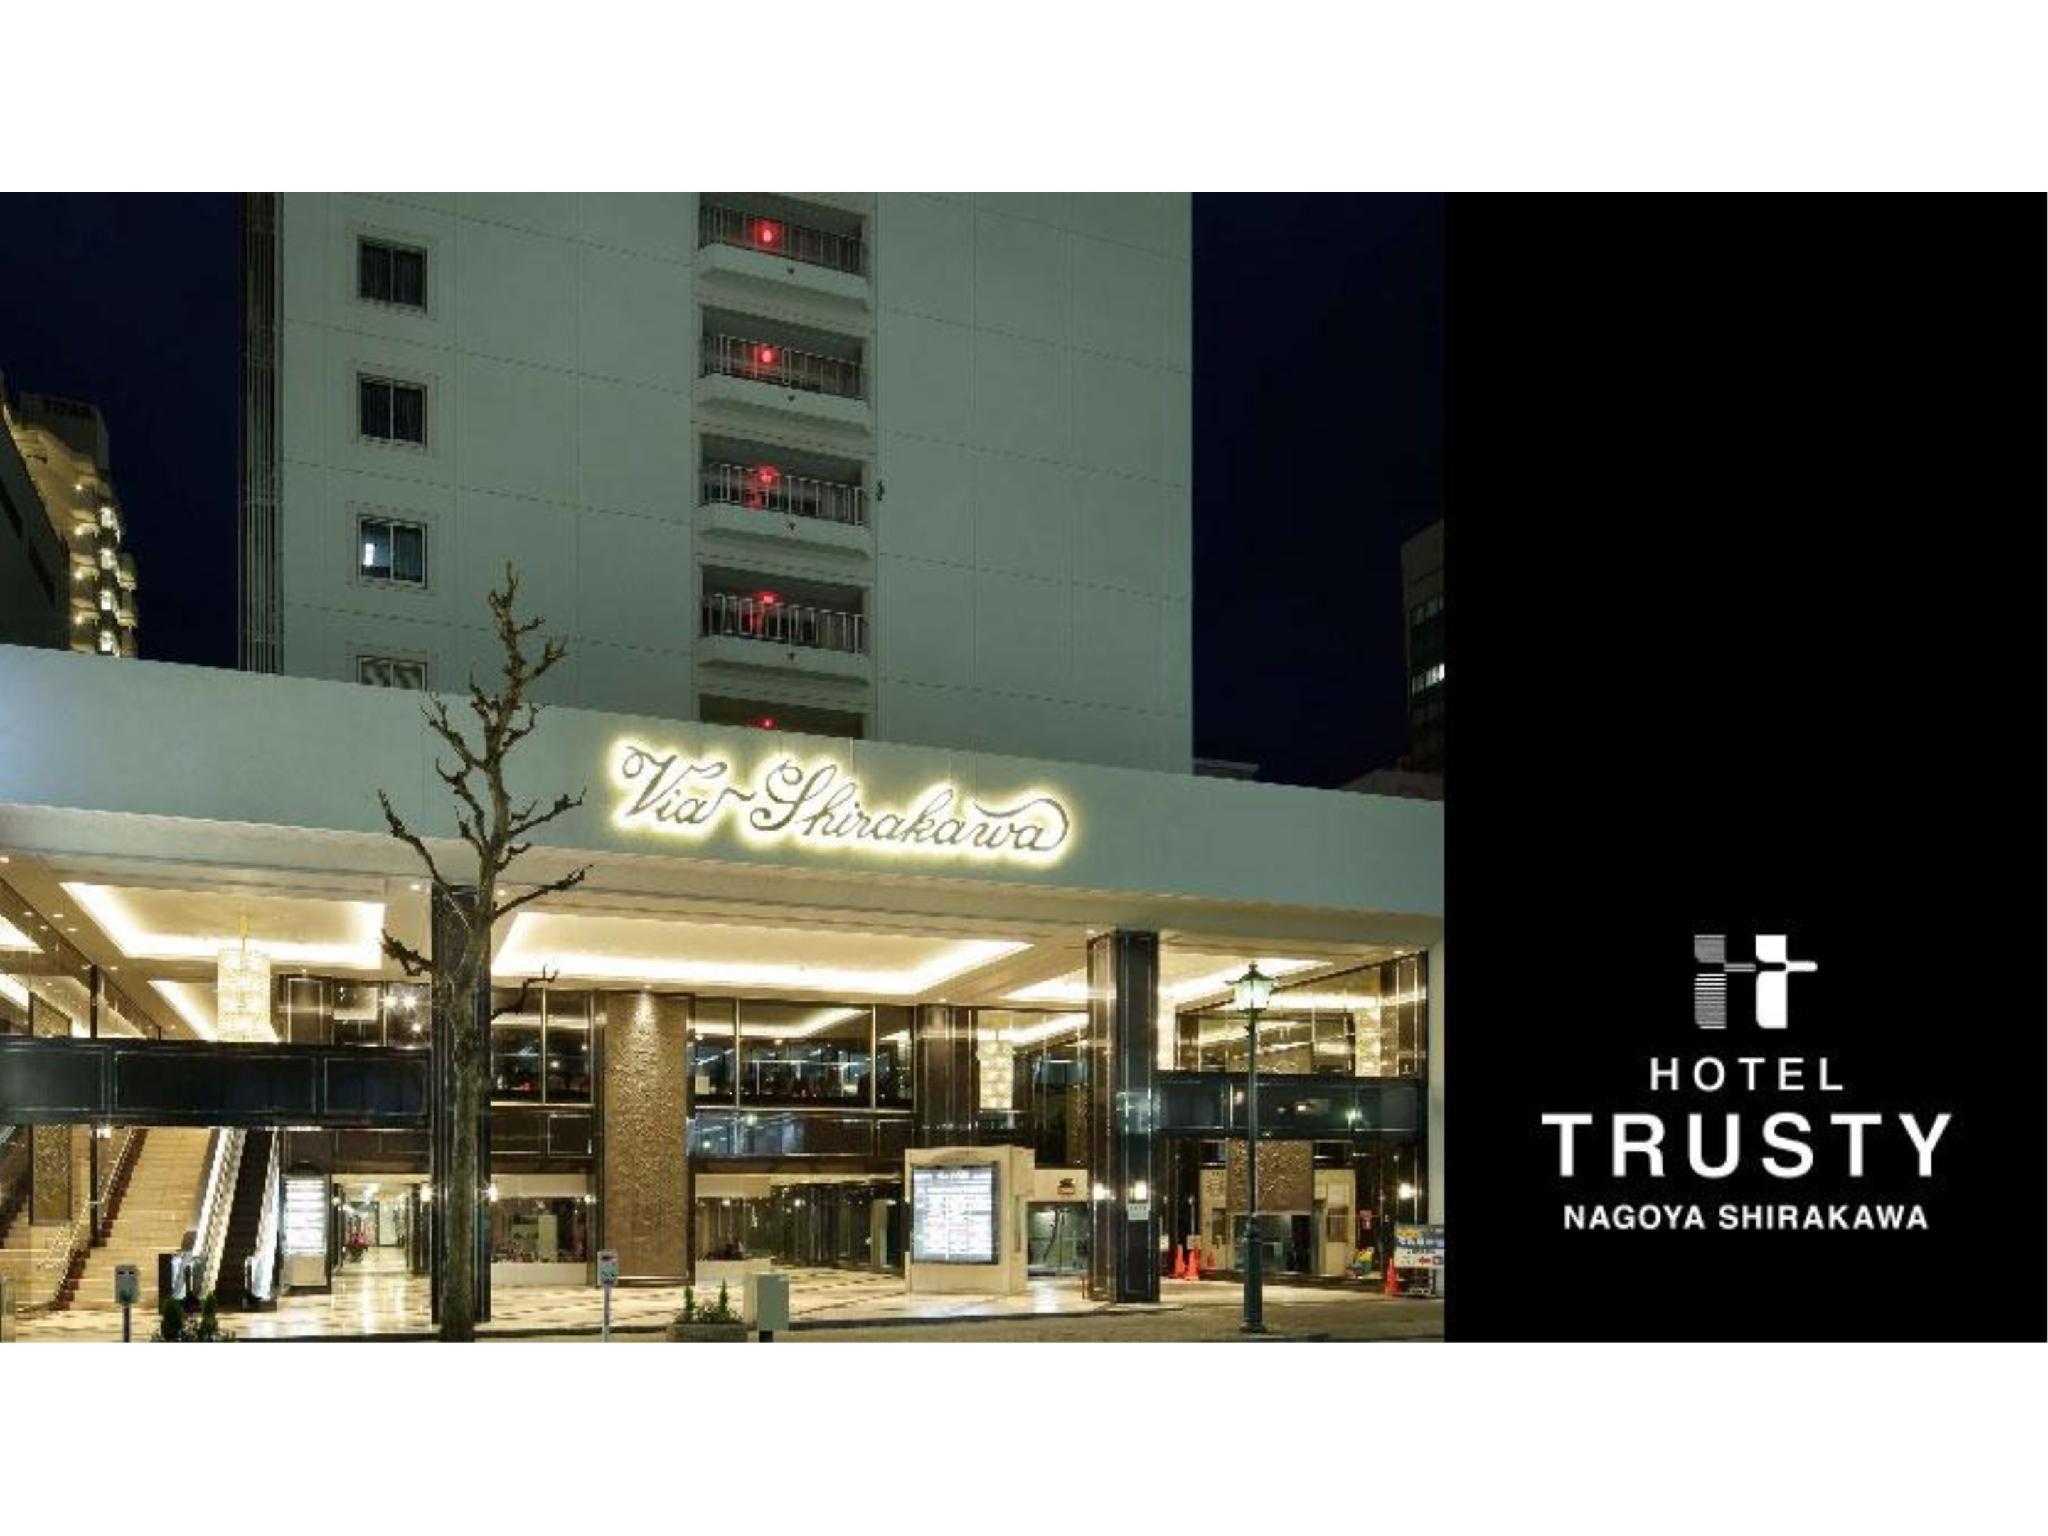 Sun Hotel Nagoya Via Shirakawa